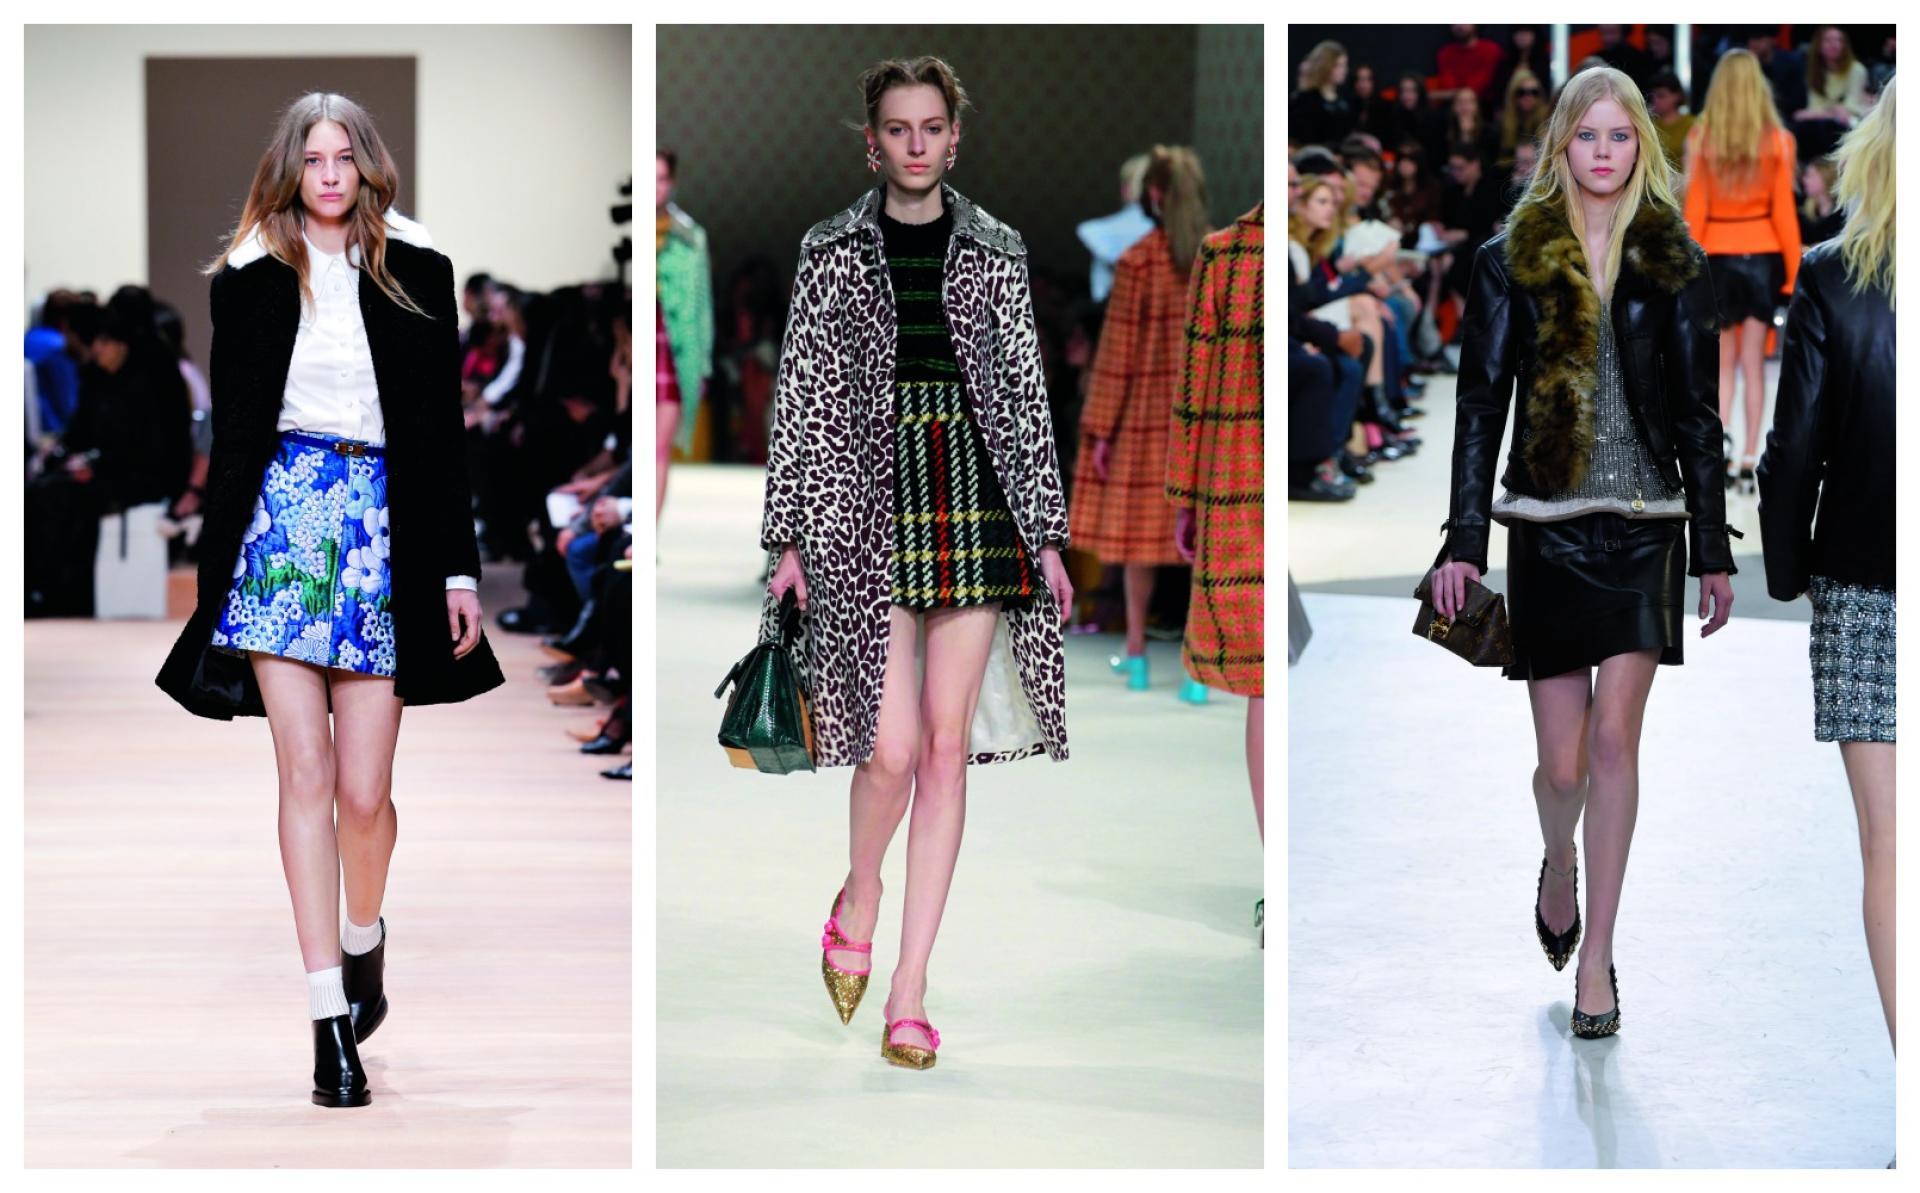 Après la vague des années 1970 qui a envahi les podiums la saison dernière, les créateurs continuent de remonter le temps et ressuscitent, cette fois, une icône des sixties: la minijupe. Une pièce qui se prête à tous les exercices de style: zippée en cuir chez Louis Vuitton, en tweed revisité chez Miu Miu ou fleurie et japonisante chez Carven.